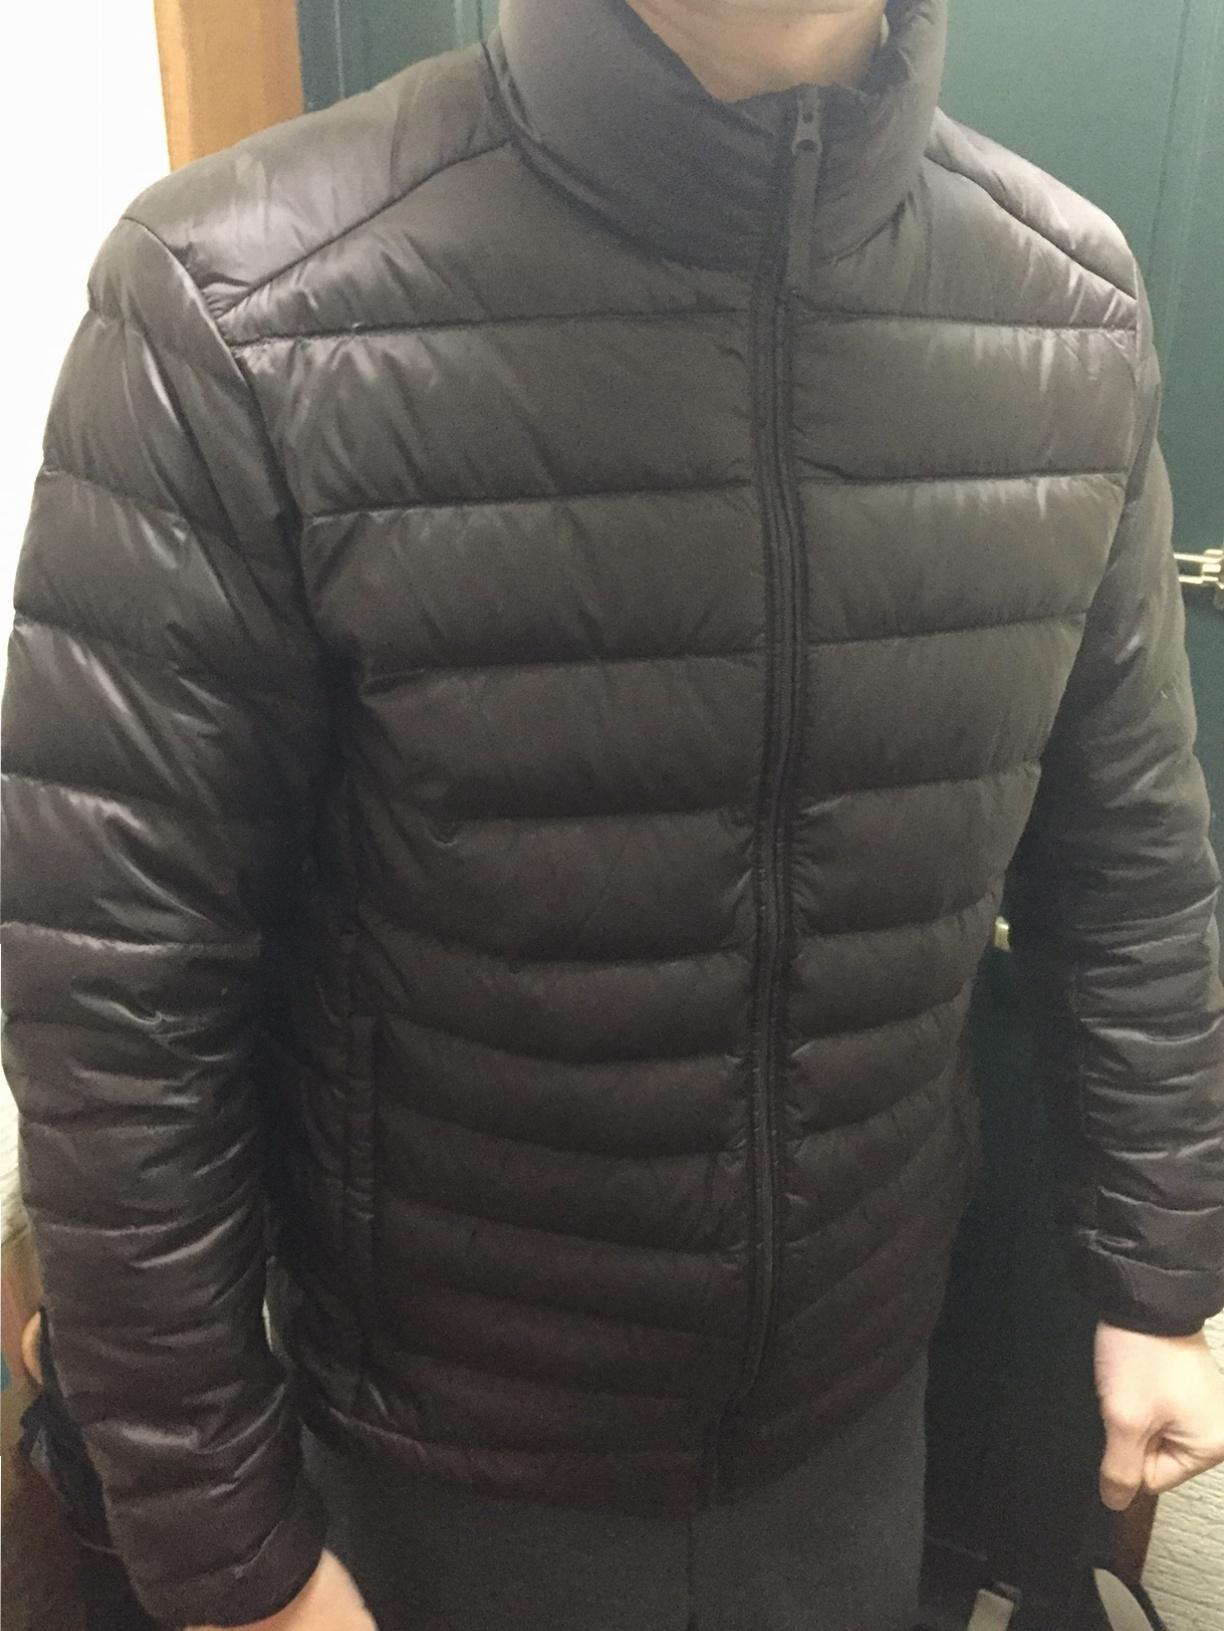 UNIQLO「ウルトラライトダウン」が軽くて暖かくて着やすい♡実質0円でカットソーもGET☆_2